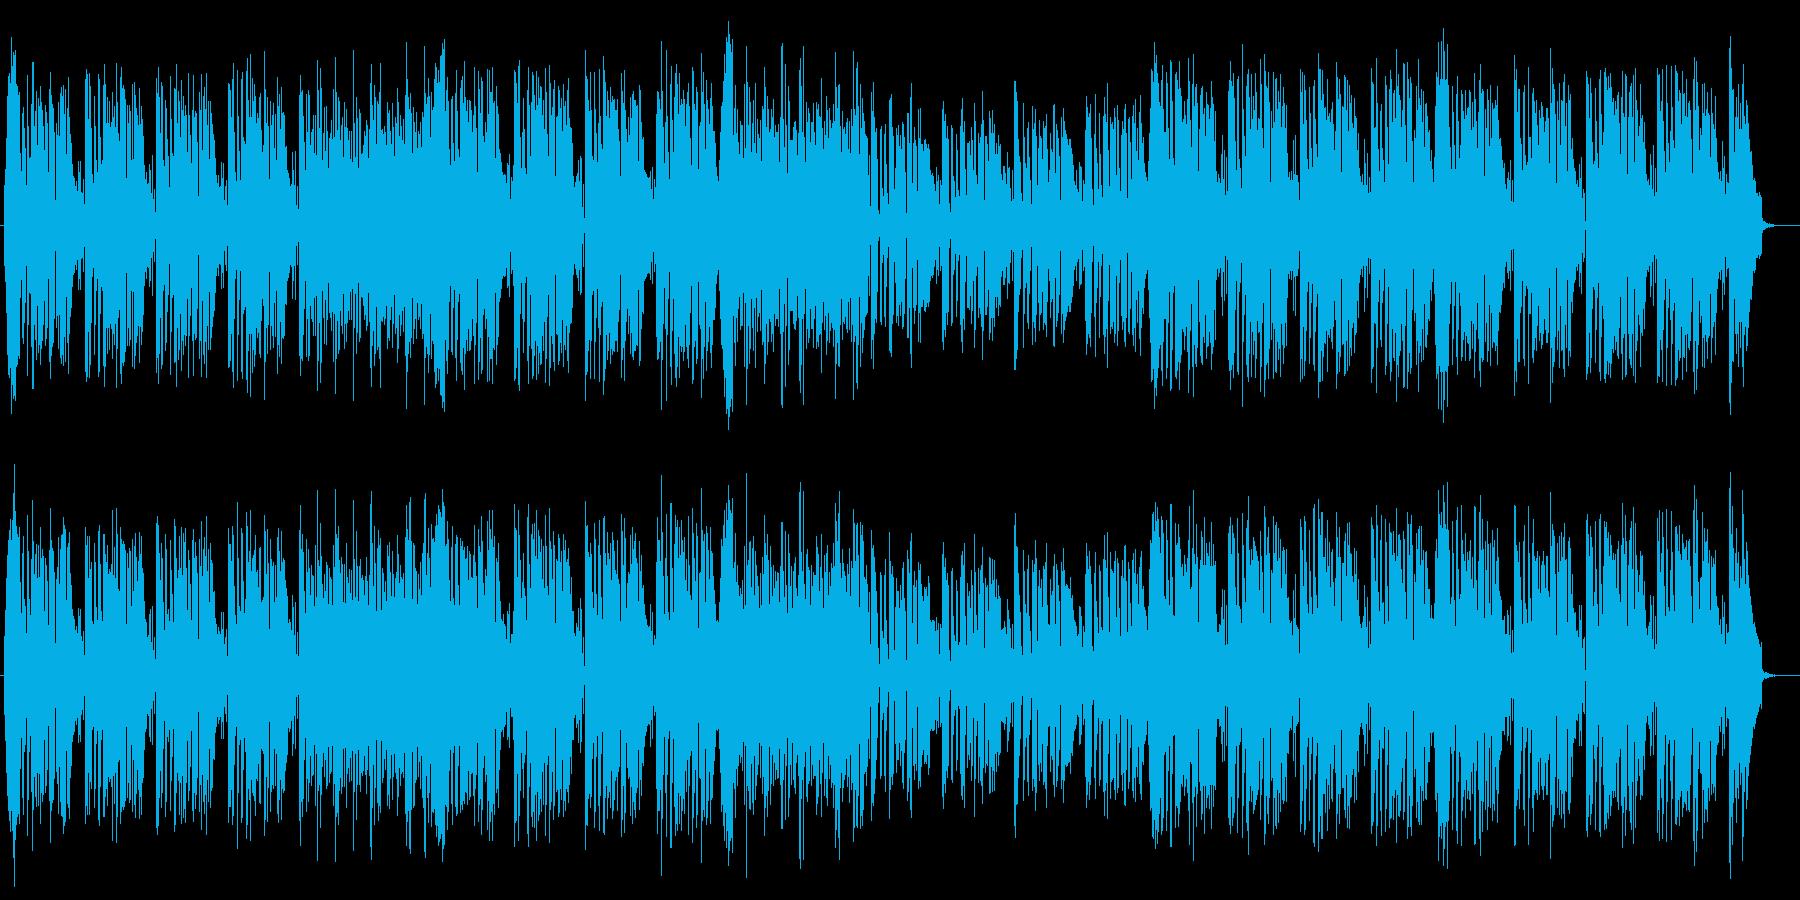 ファンシーで可愛い印象のポップスの再生済みの波形